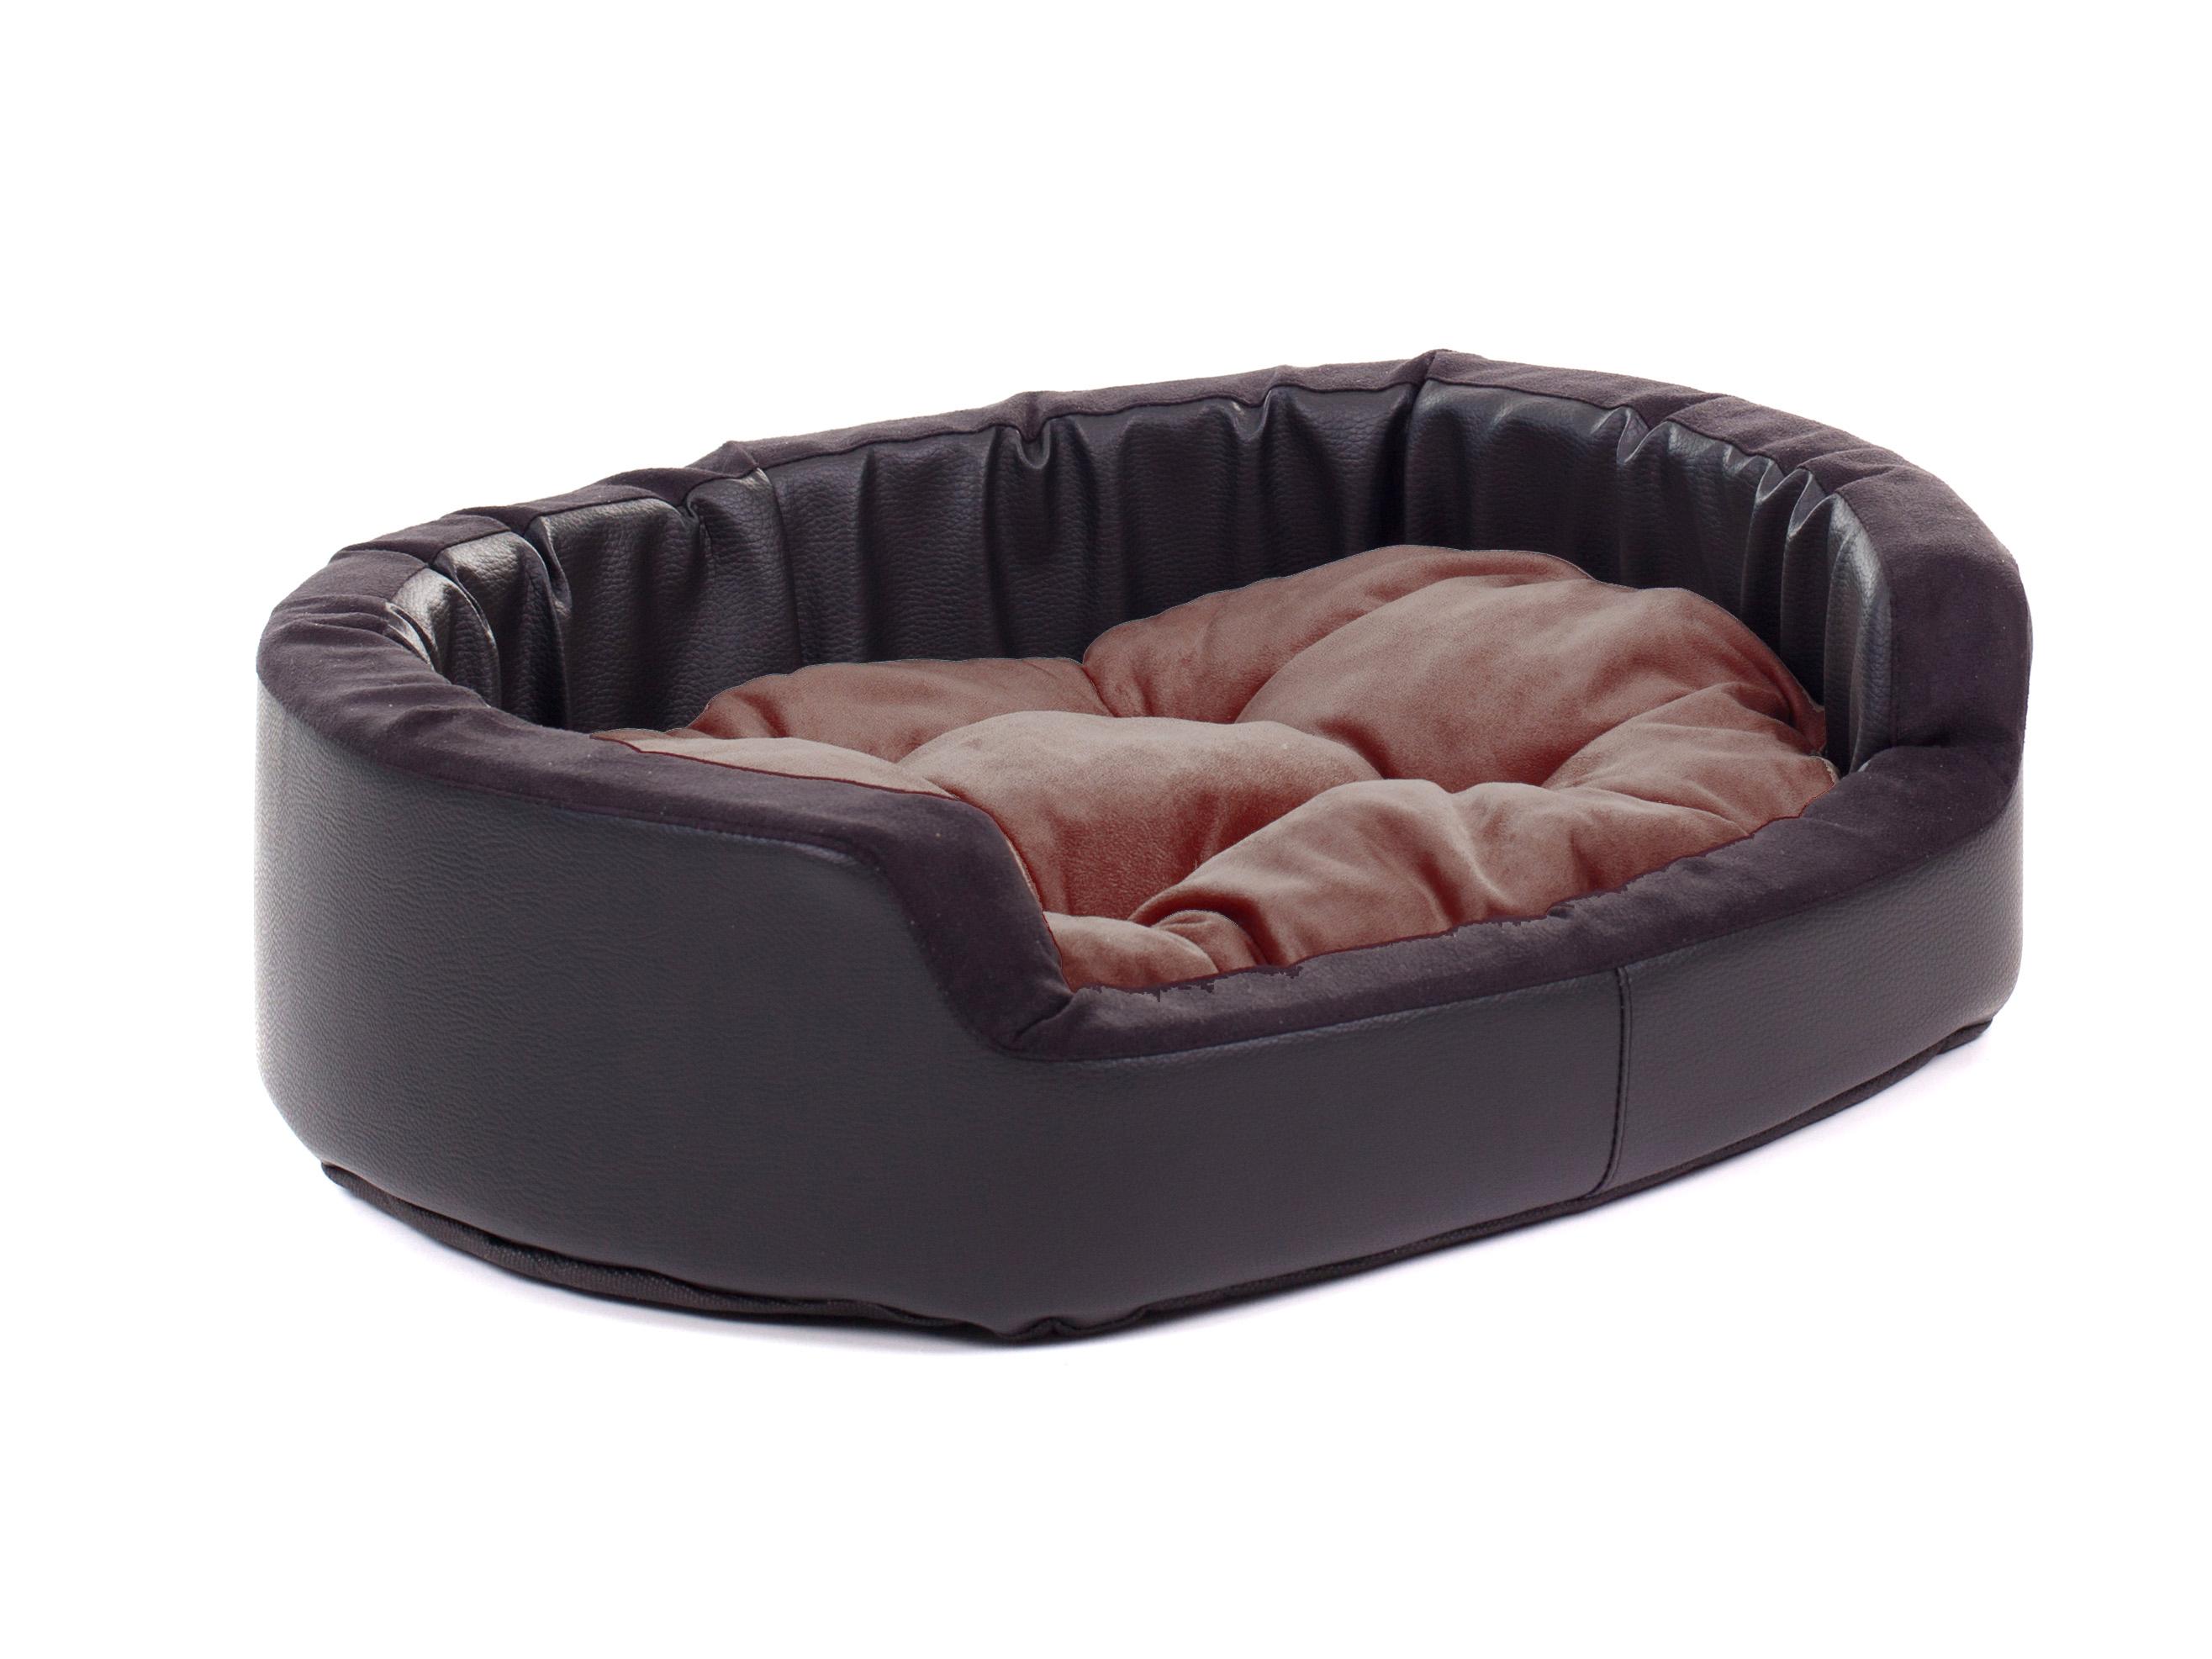 e hundebett hugo hundesofa hundeliege hundekissen hundekorb robust s xxxl ebay. Black Bedroom Furniture Sets. Home Design Ideas